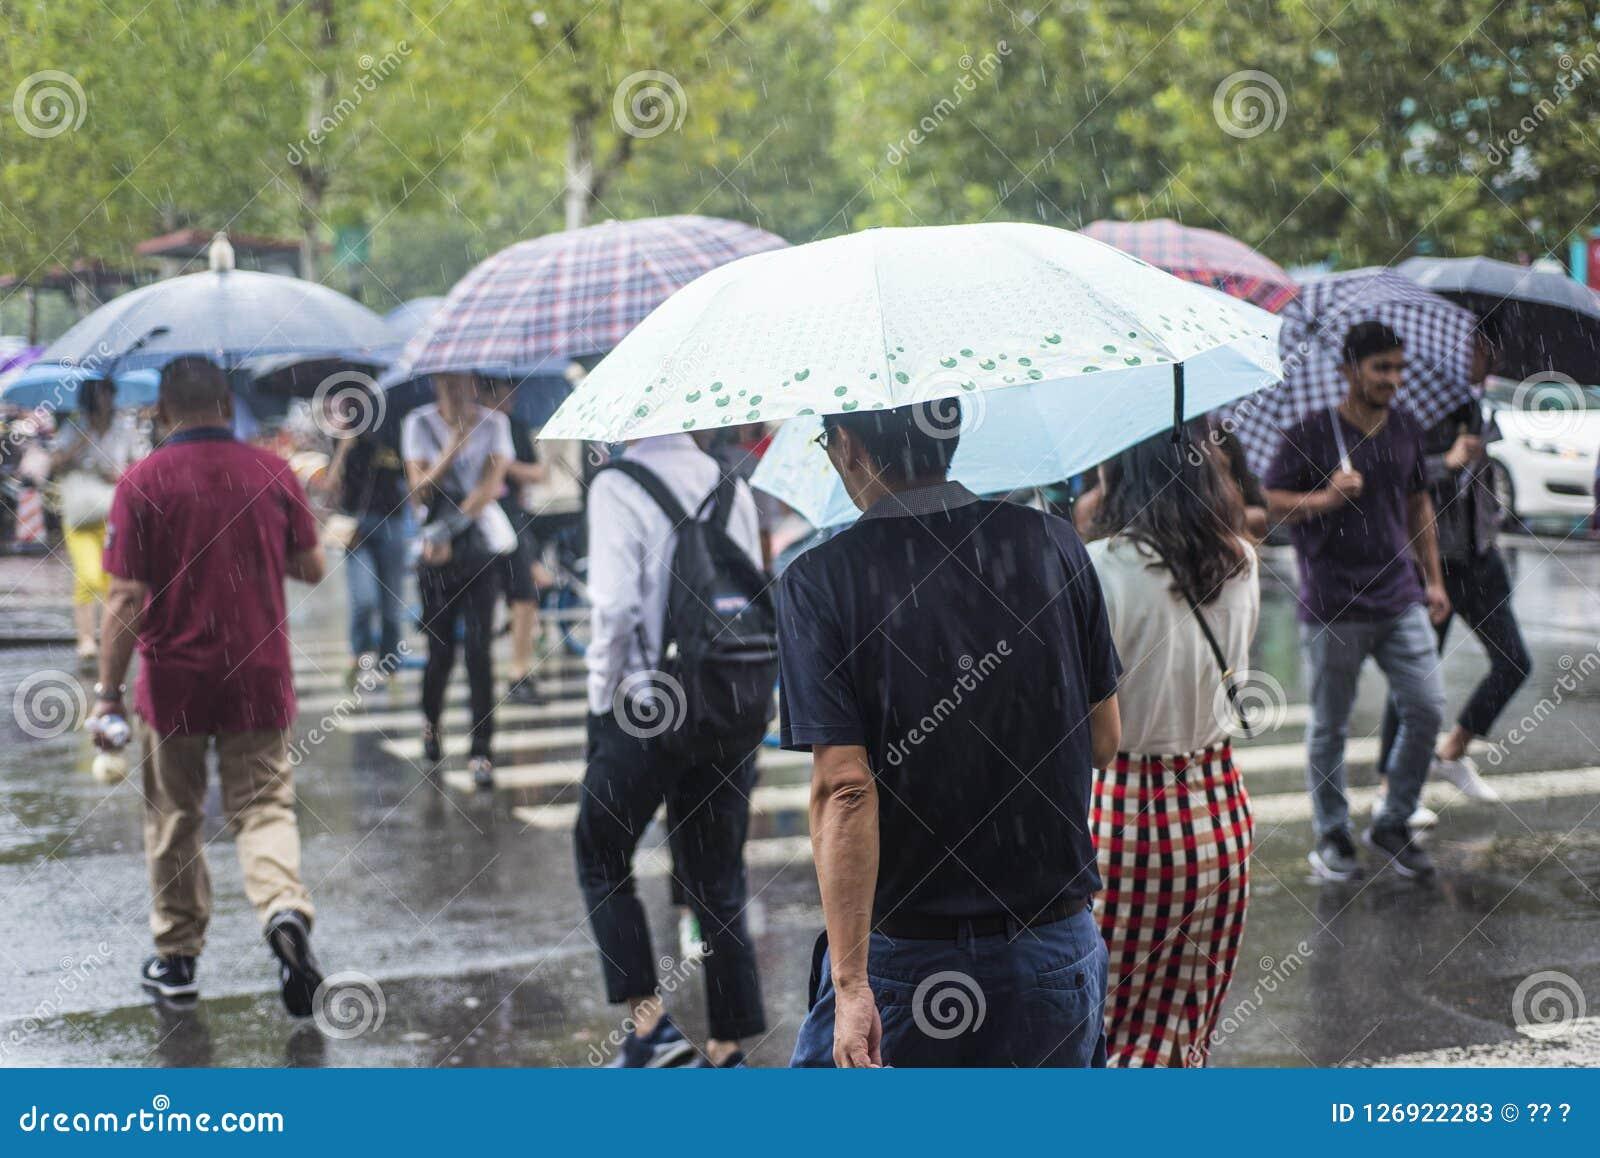 It's que llueve por la mañana, y los peatones que caminan a través del camino pasan por la intersección